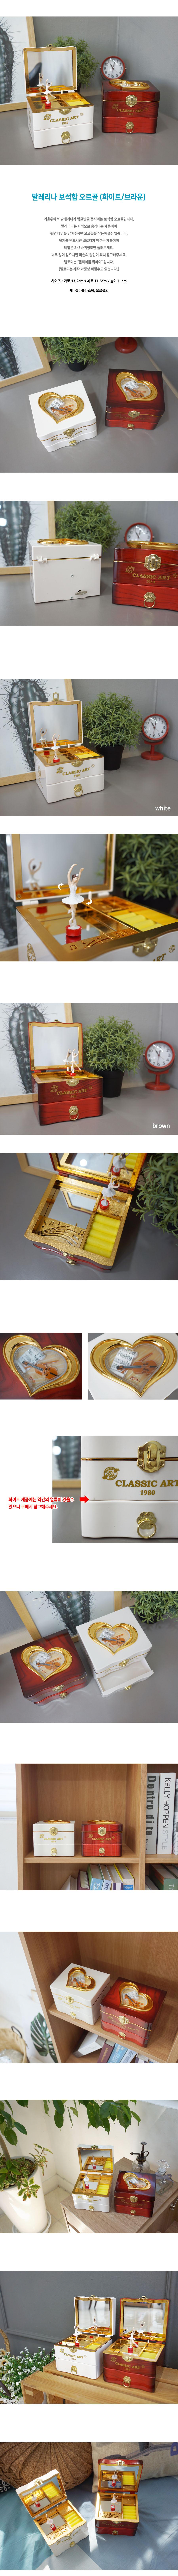 DS-S439발레리나 보석함 오르골 2color 생일 결혼 기념일 선물 - 리빙톡톡, 25,000원, 장식소품, 오르골